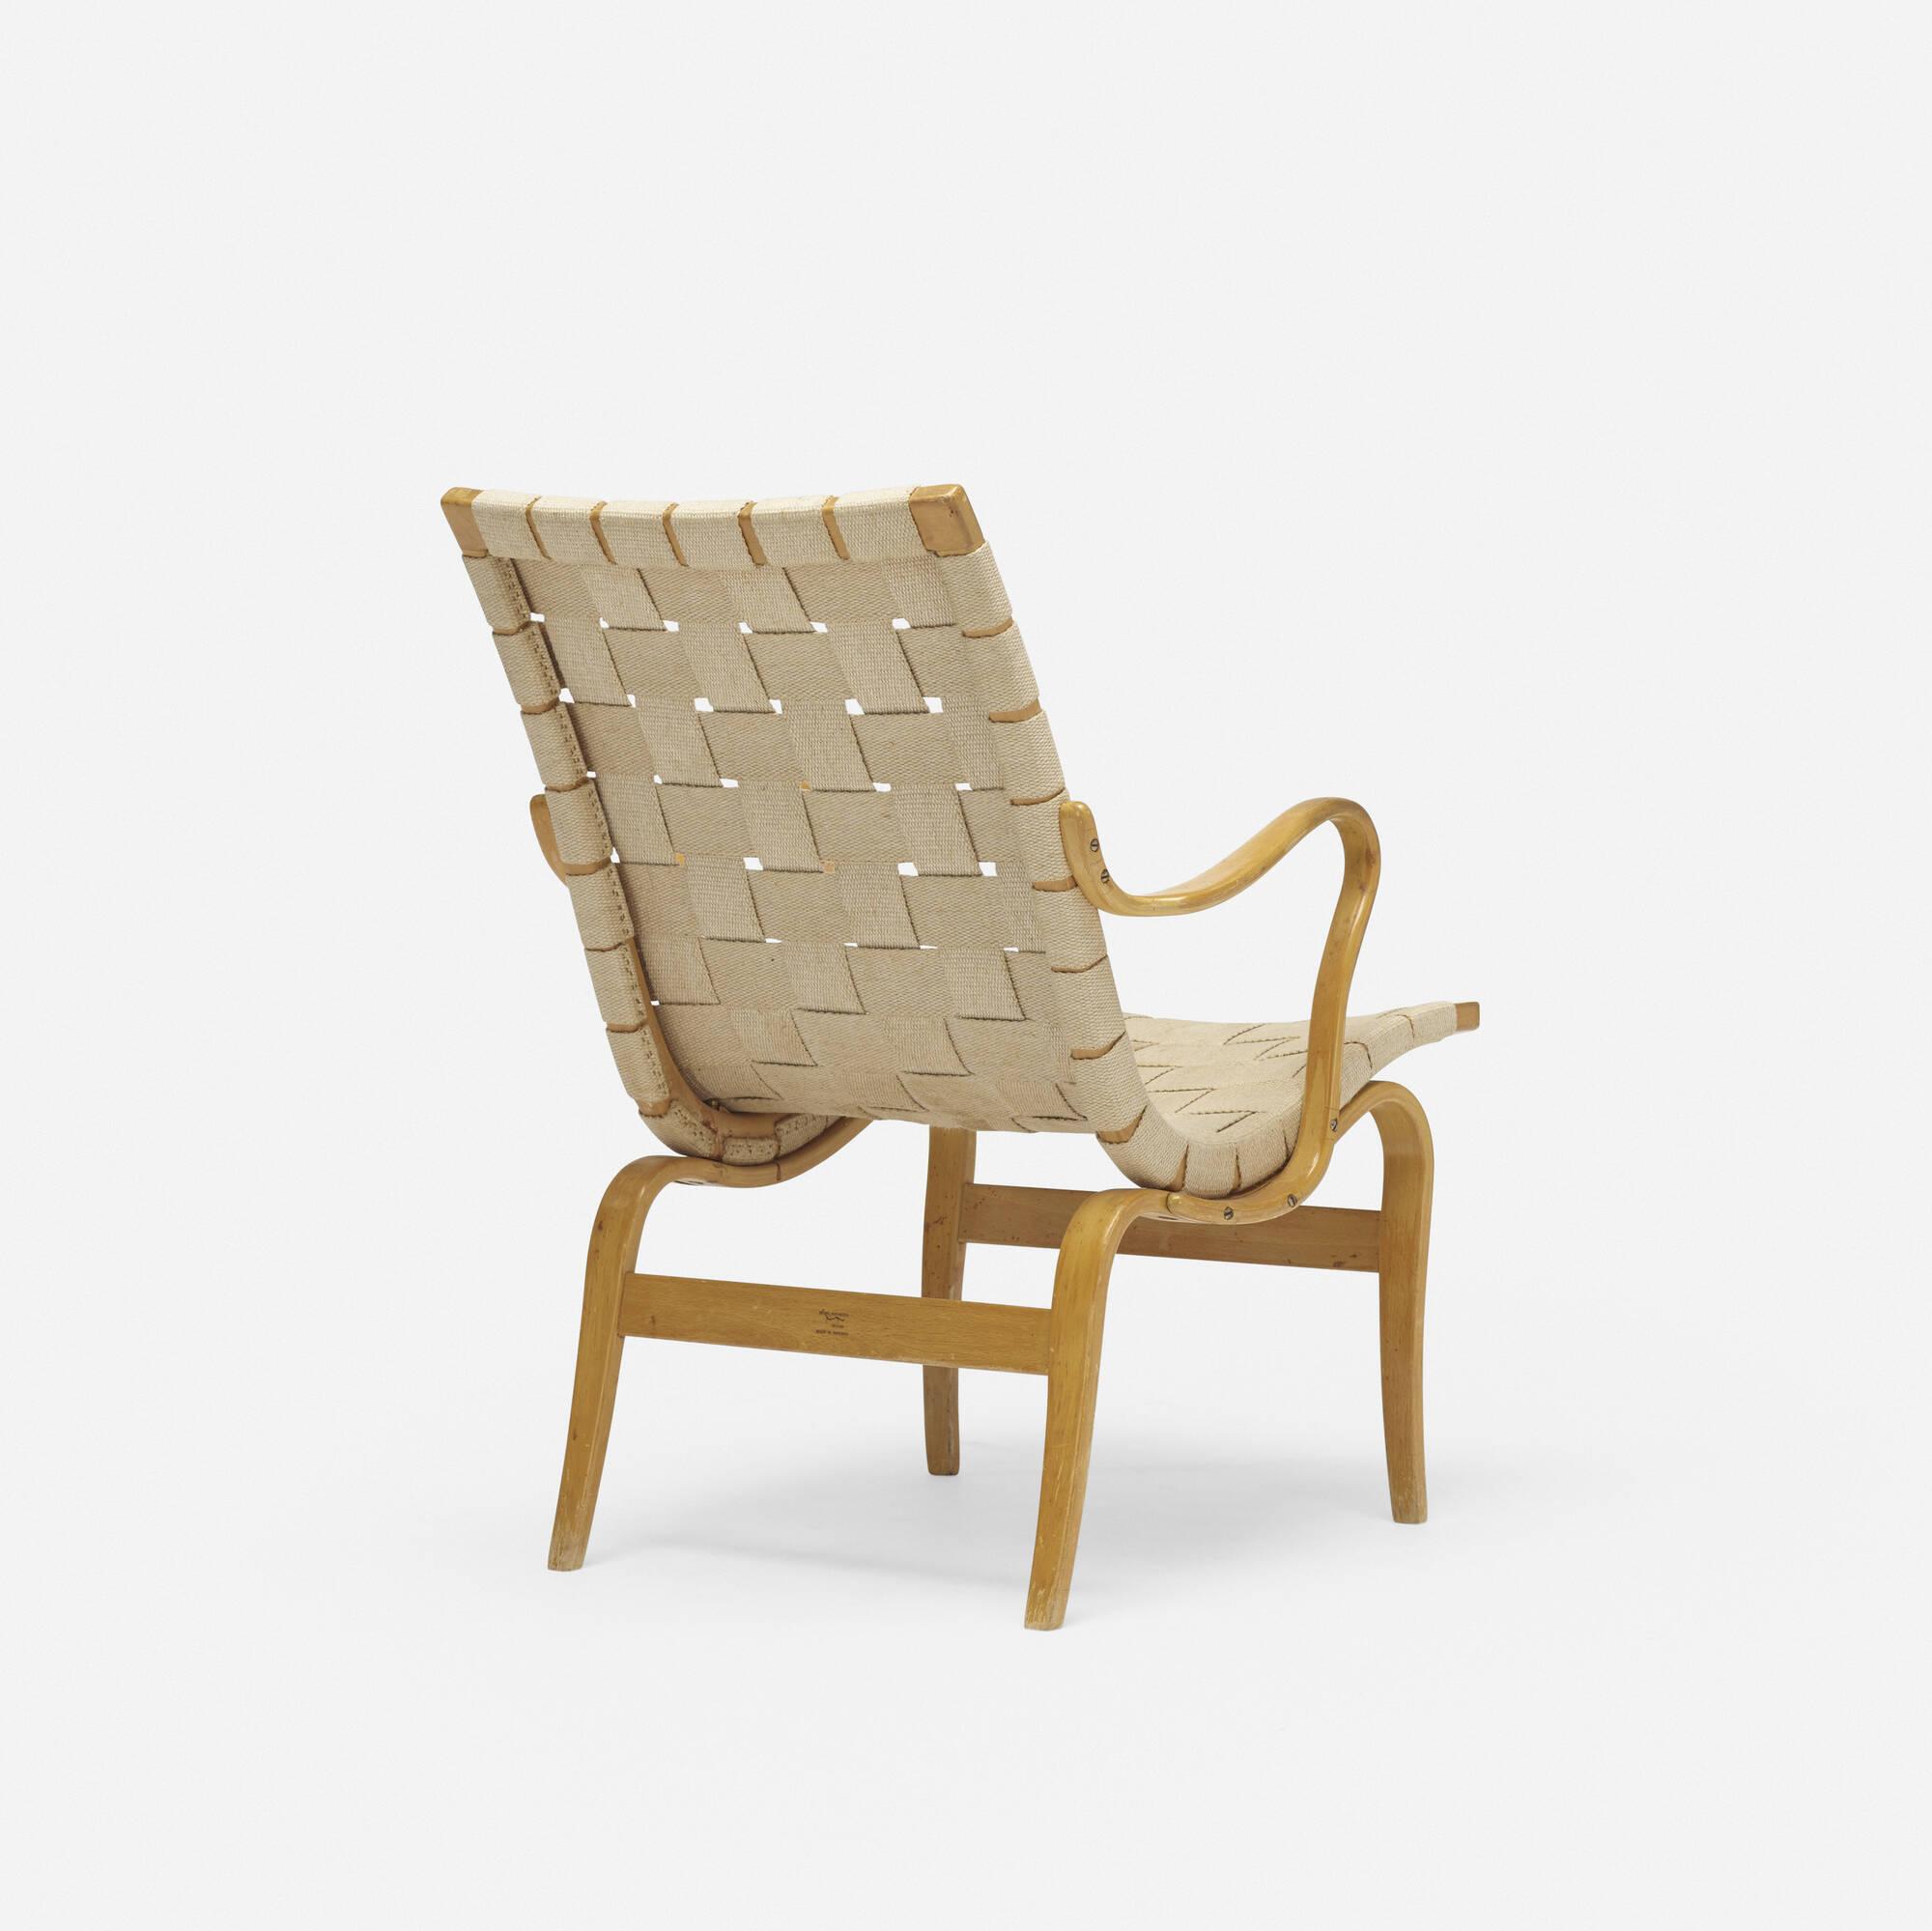 541: Bruno Mathsson / Eva chair (2 of 4)